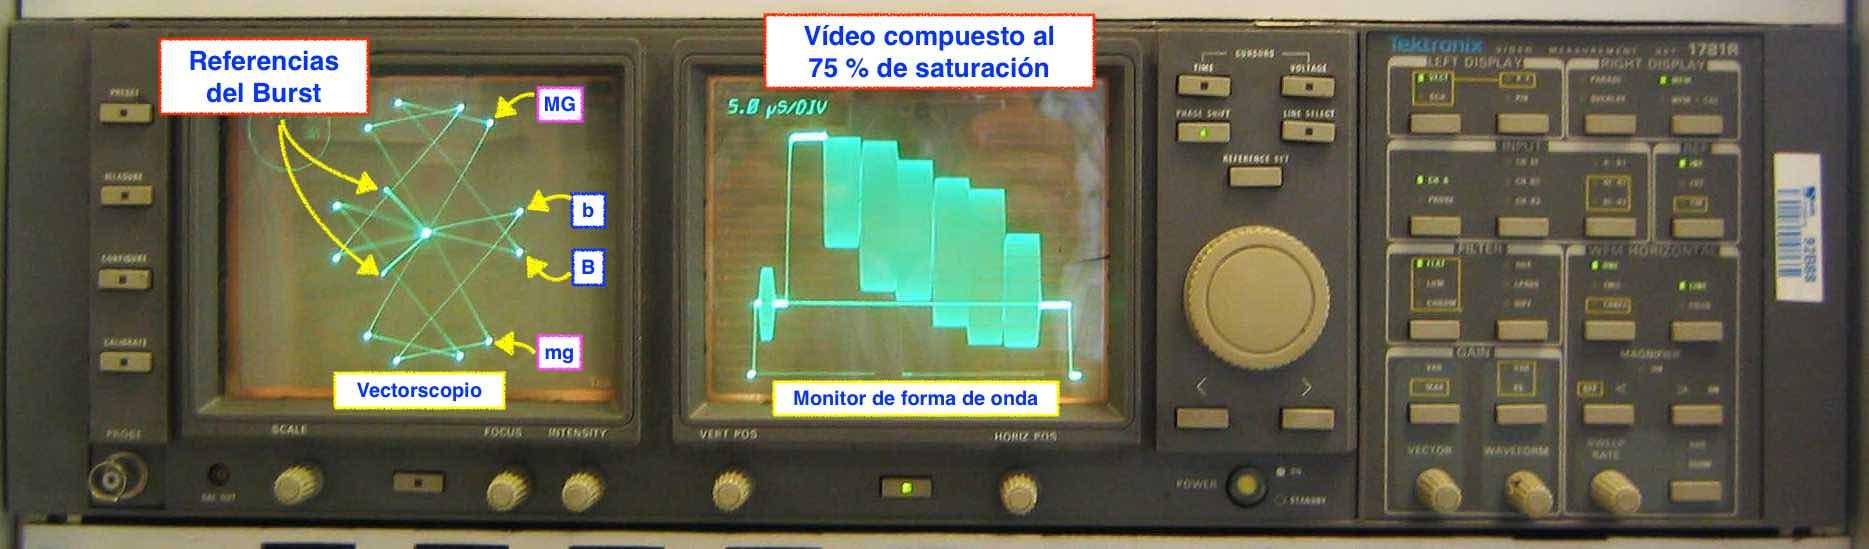 Monitor de forma de onda - vectorscopio - EL CAJÓN DEL ELECTRONICO